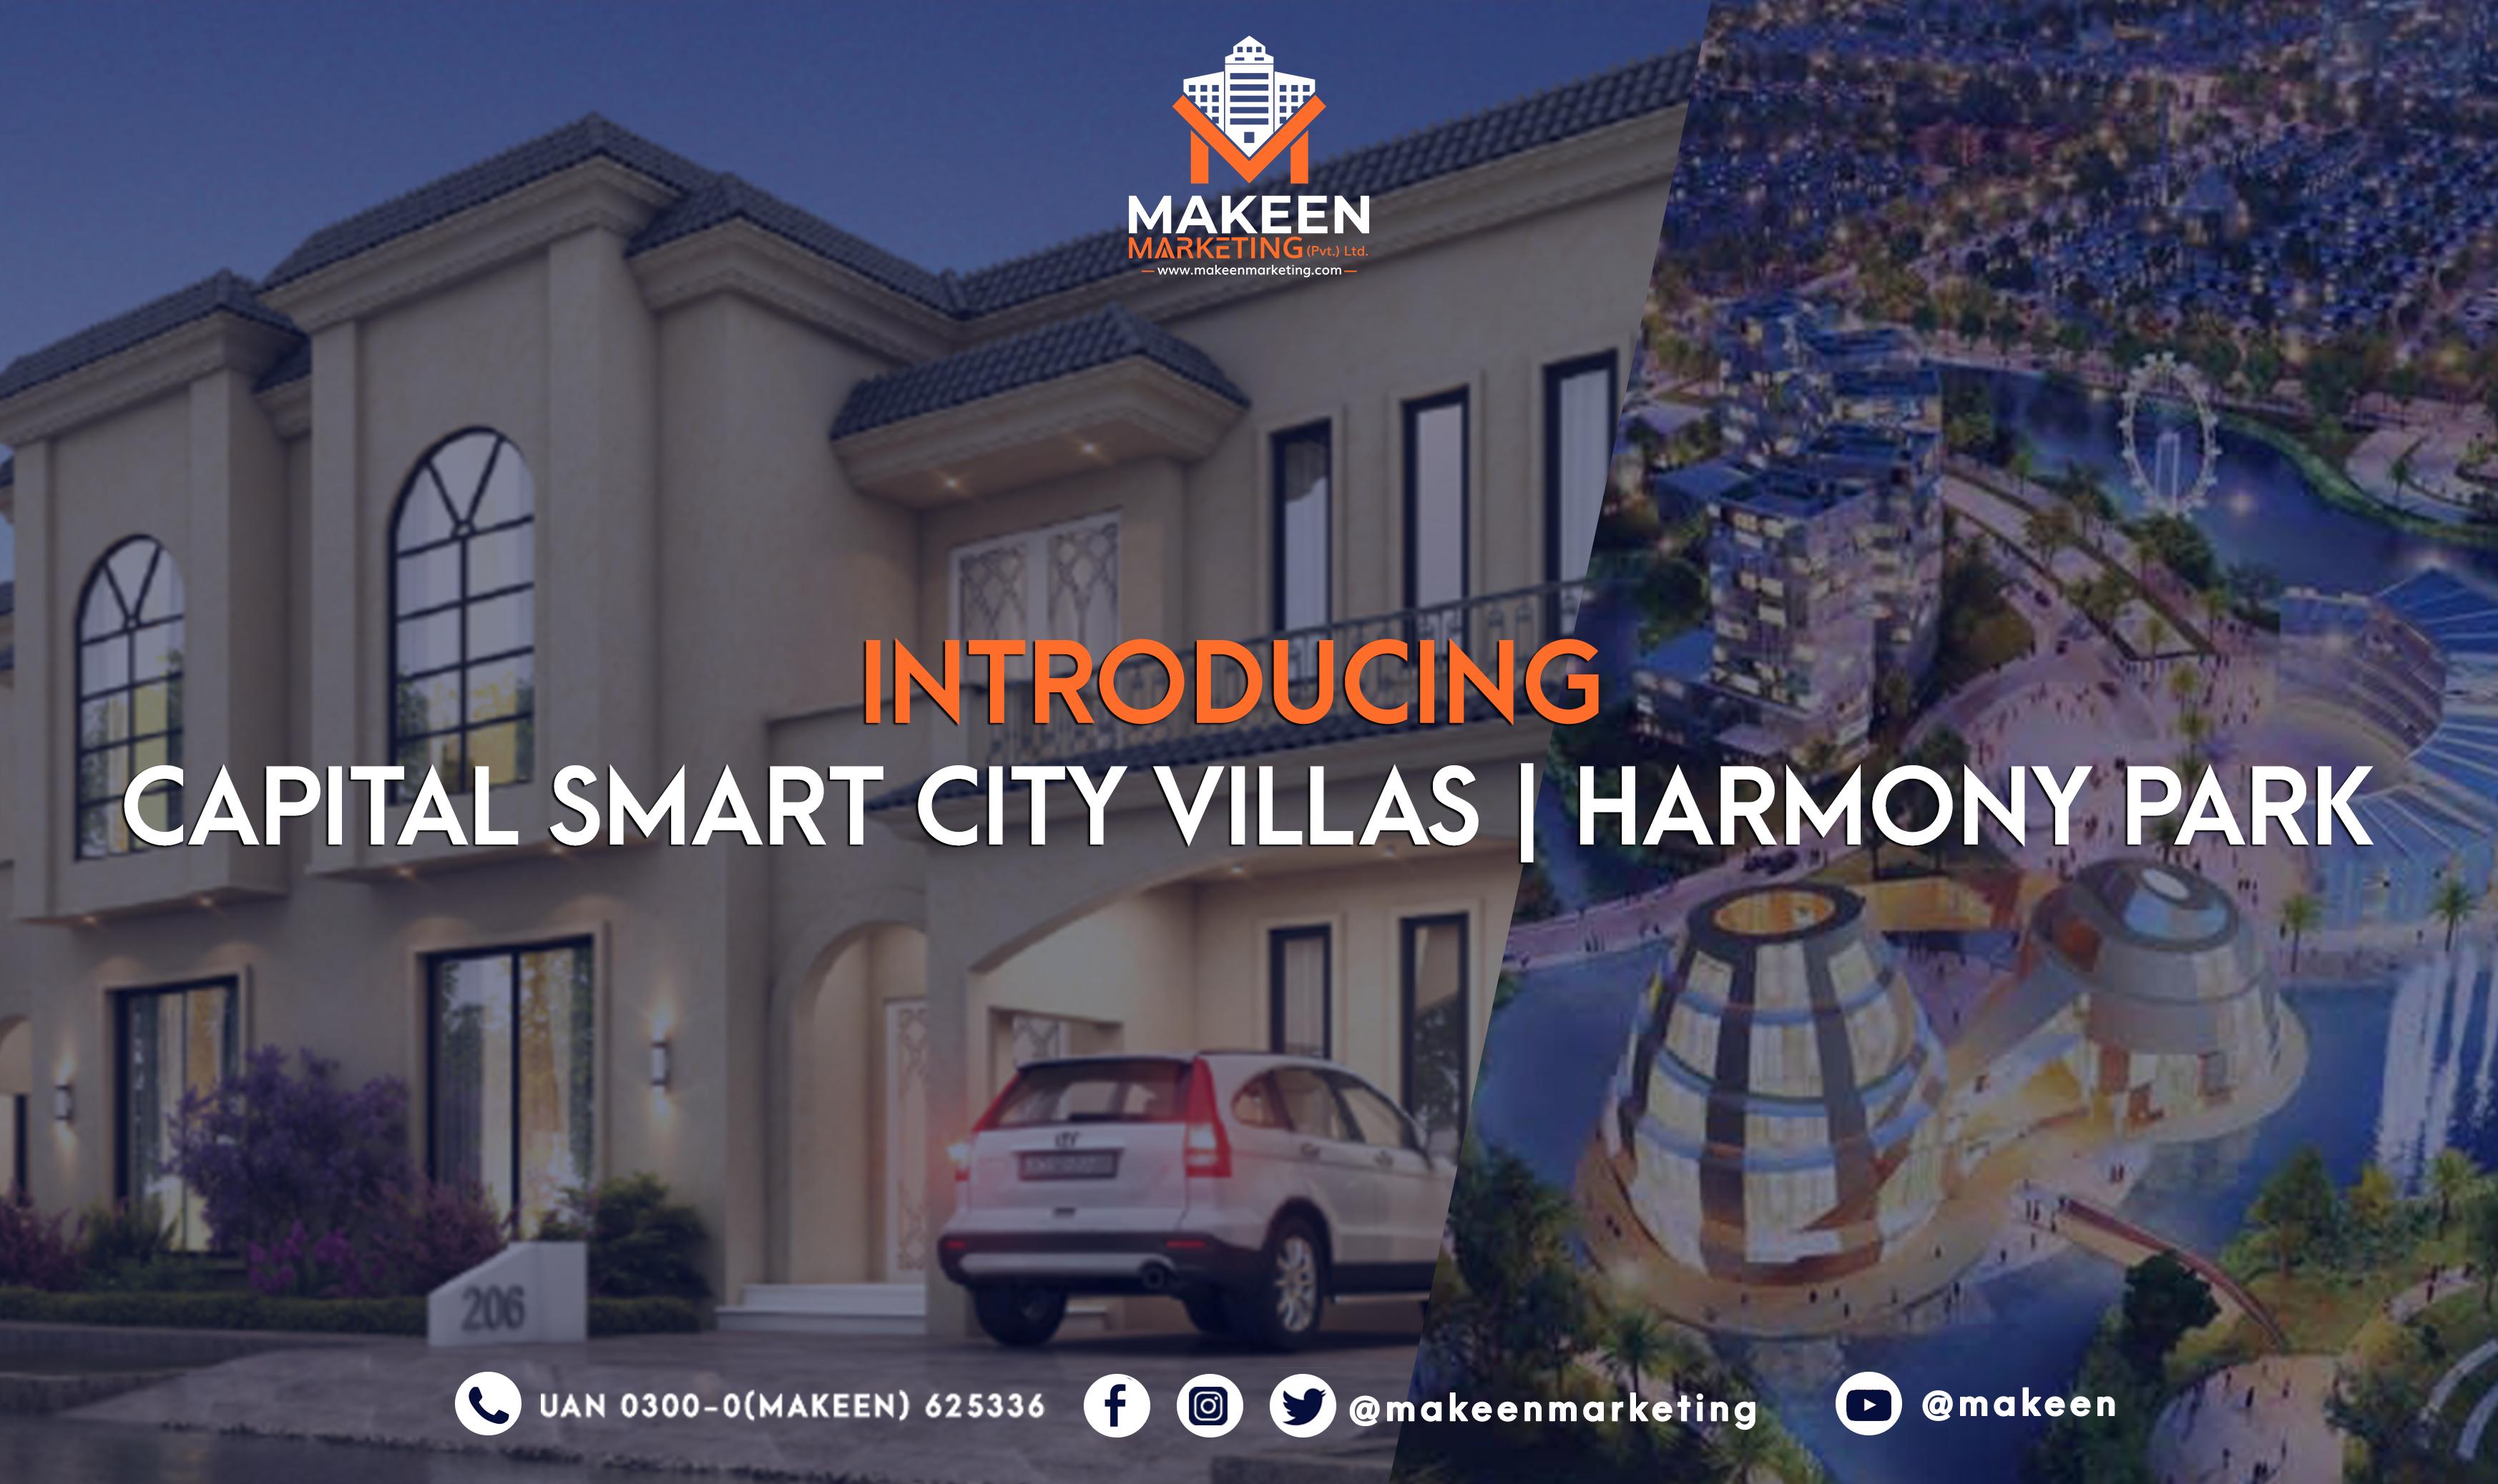 Capital Smart City villas